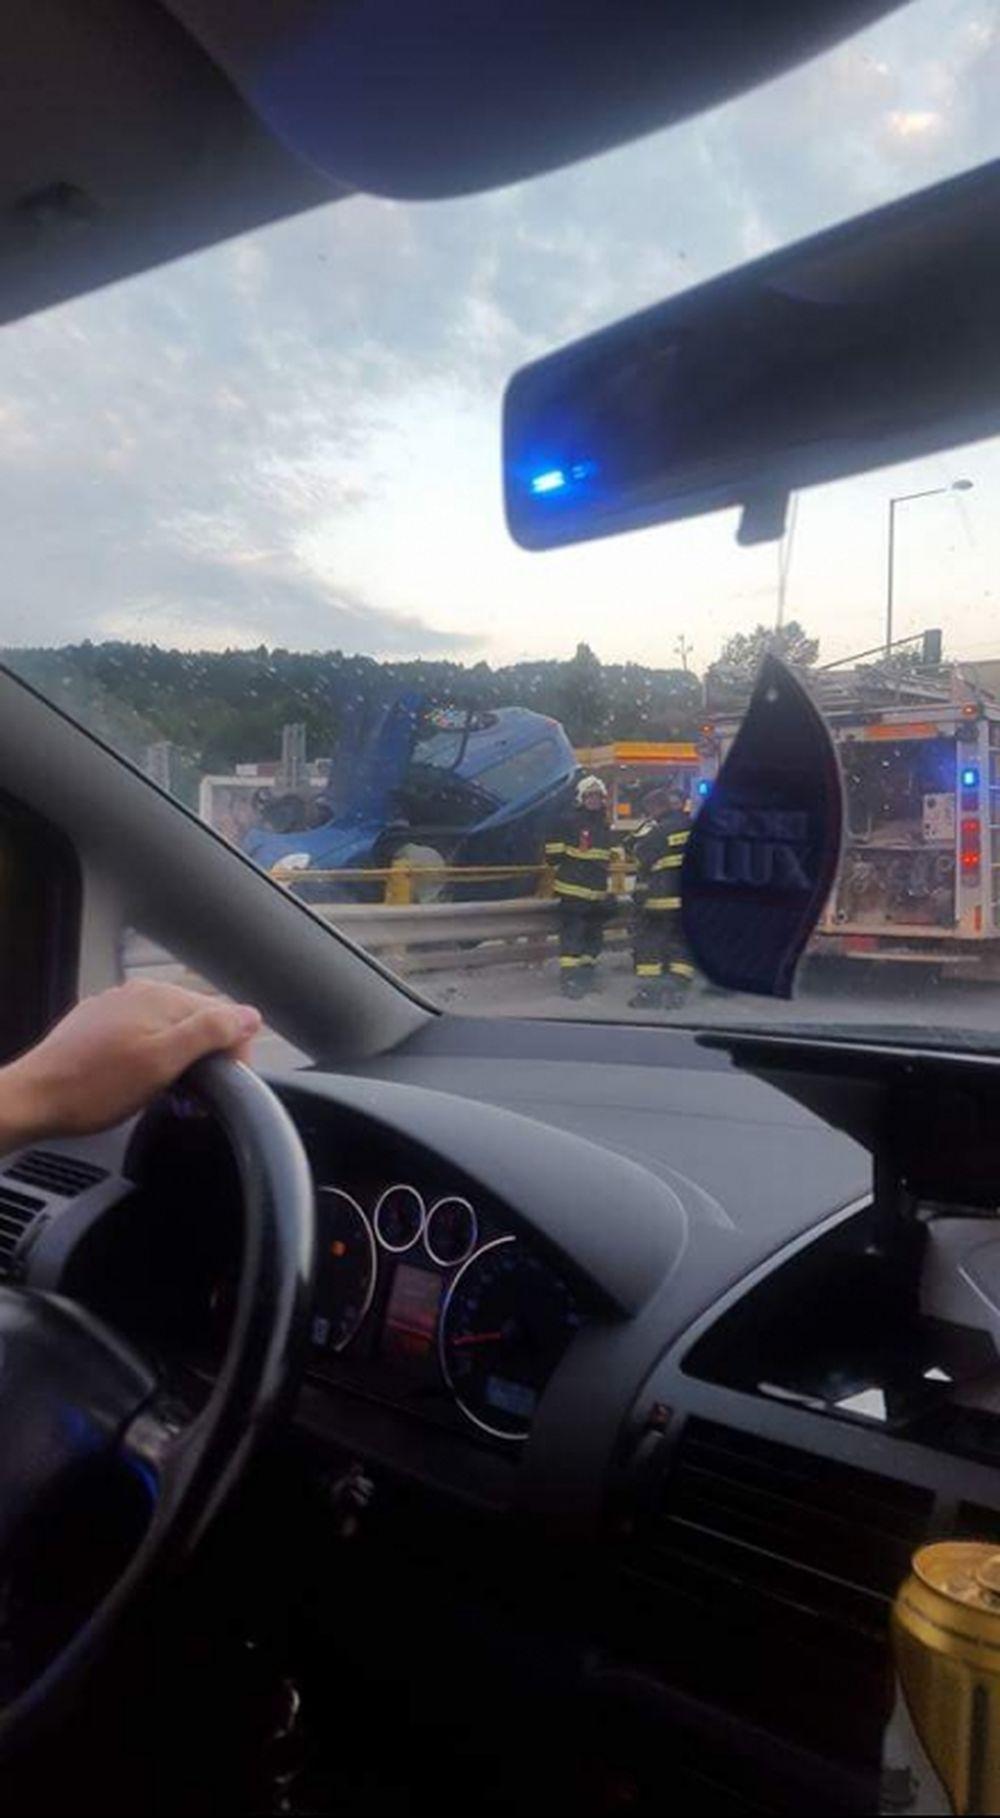 Prevrátený automobil Strážov 16.8.2016, foto 2